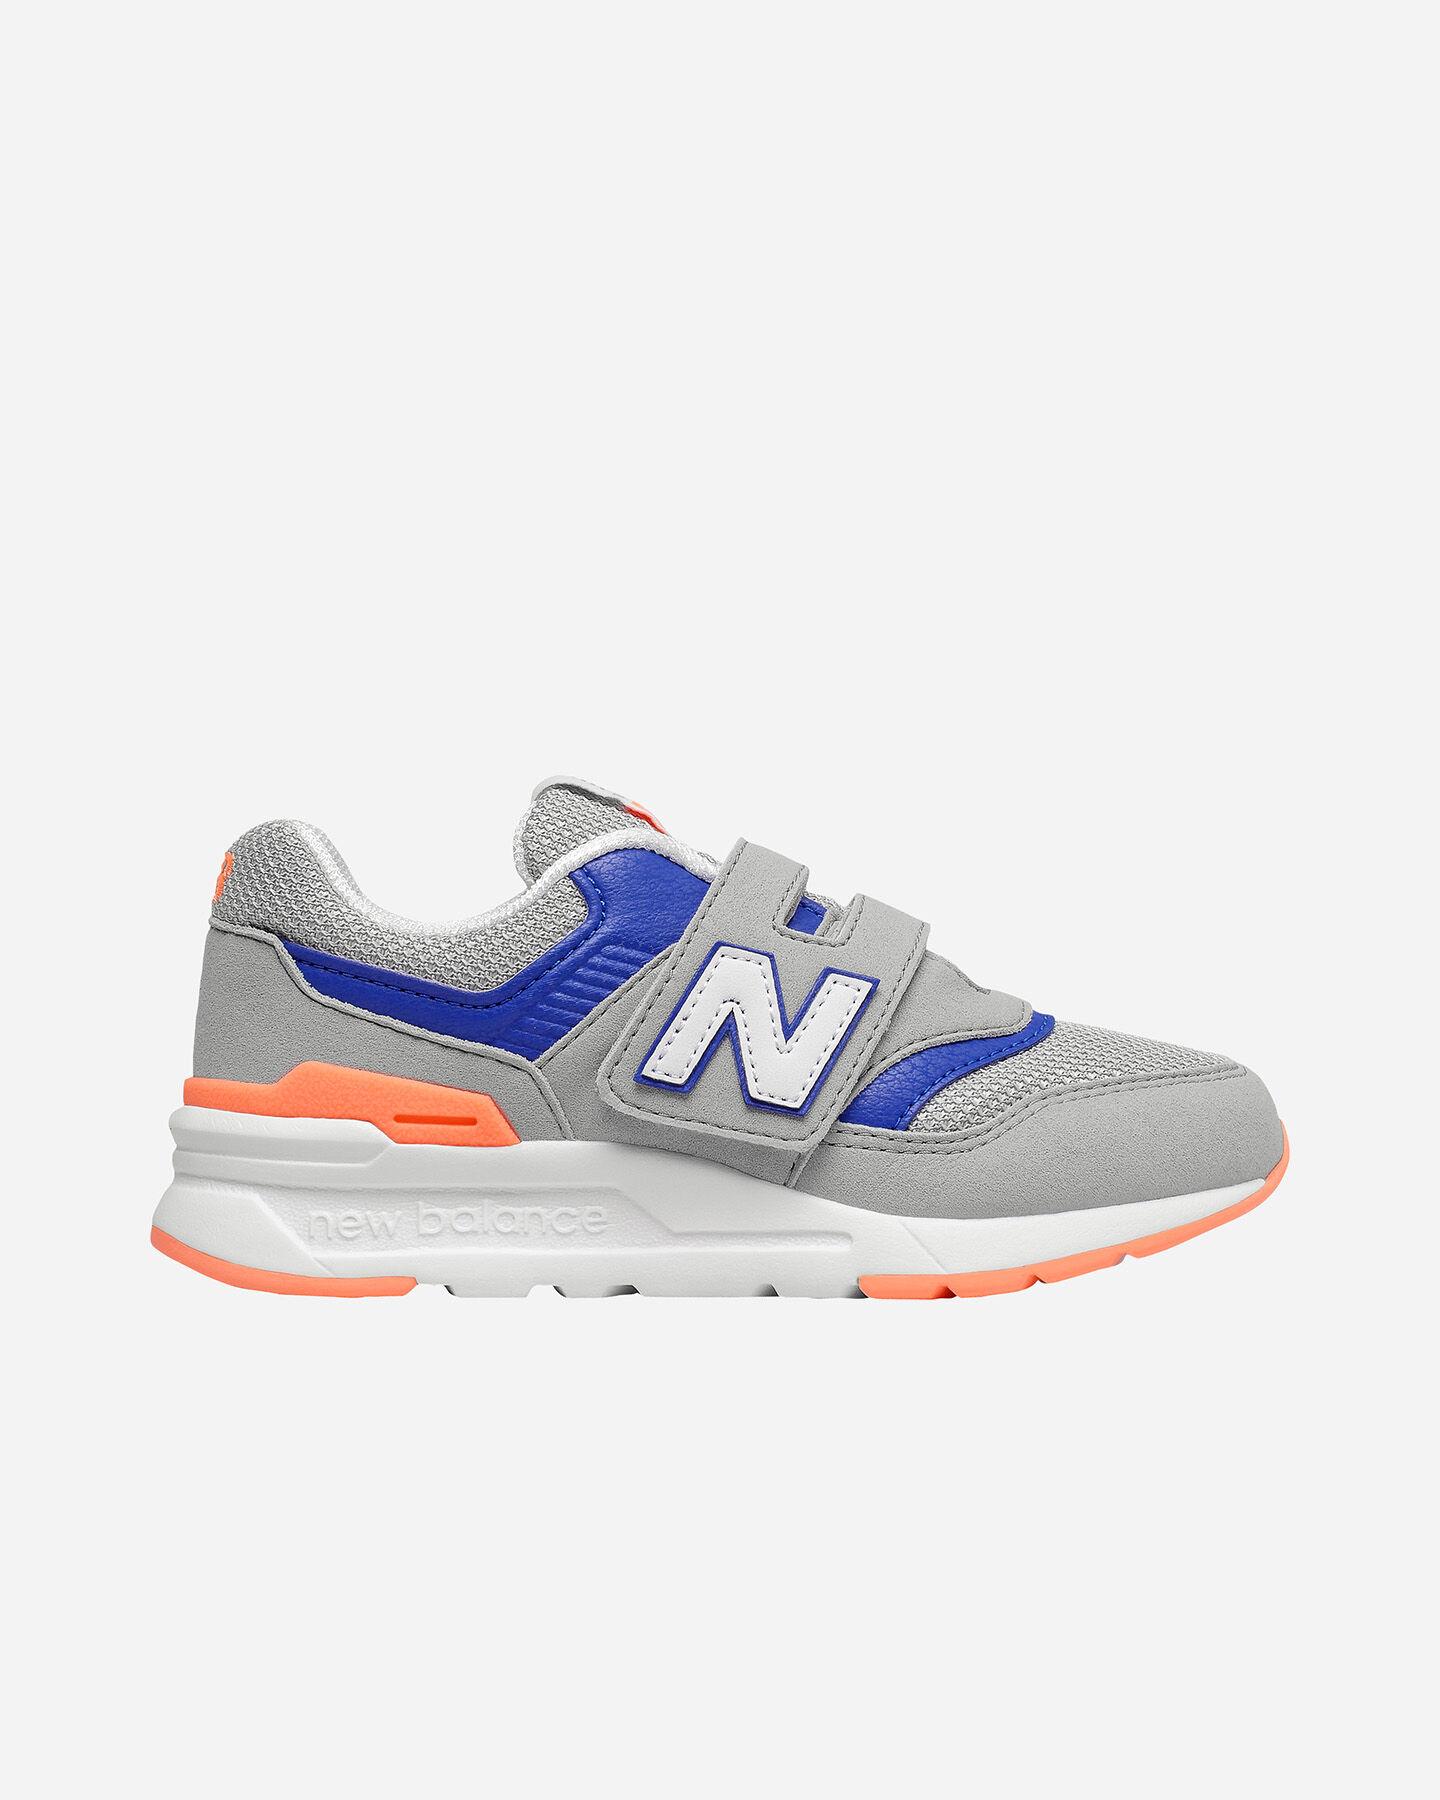 NEW BALANCE: sneakers, scarpe e abbigliamento fitness | Cisalfa Sport